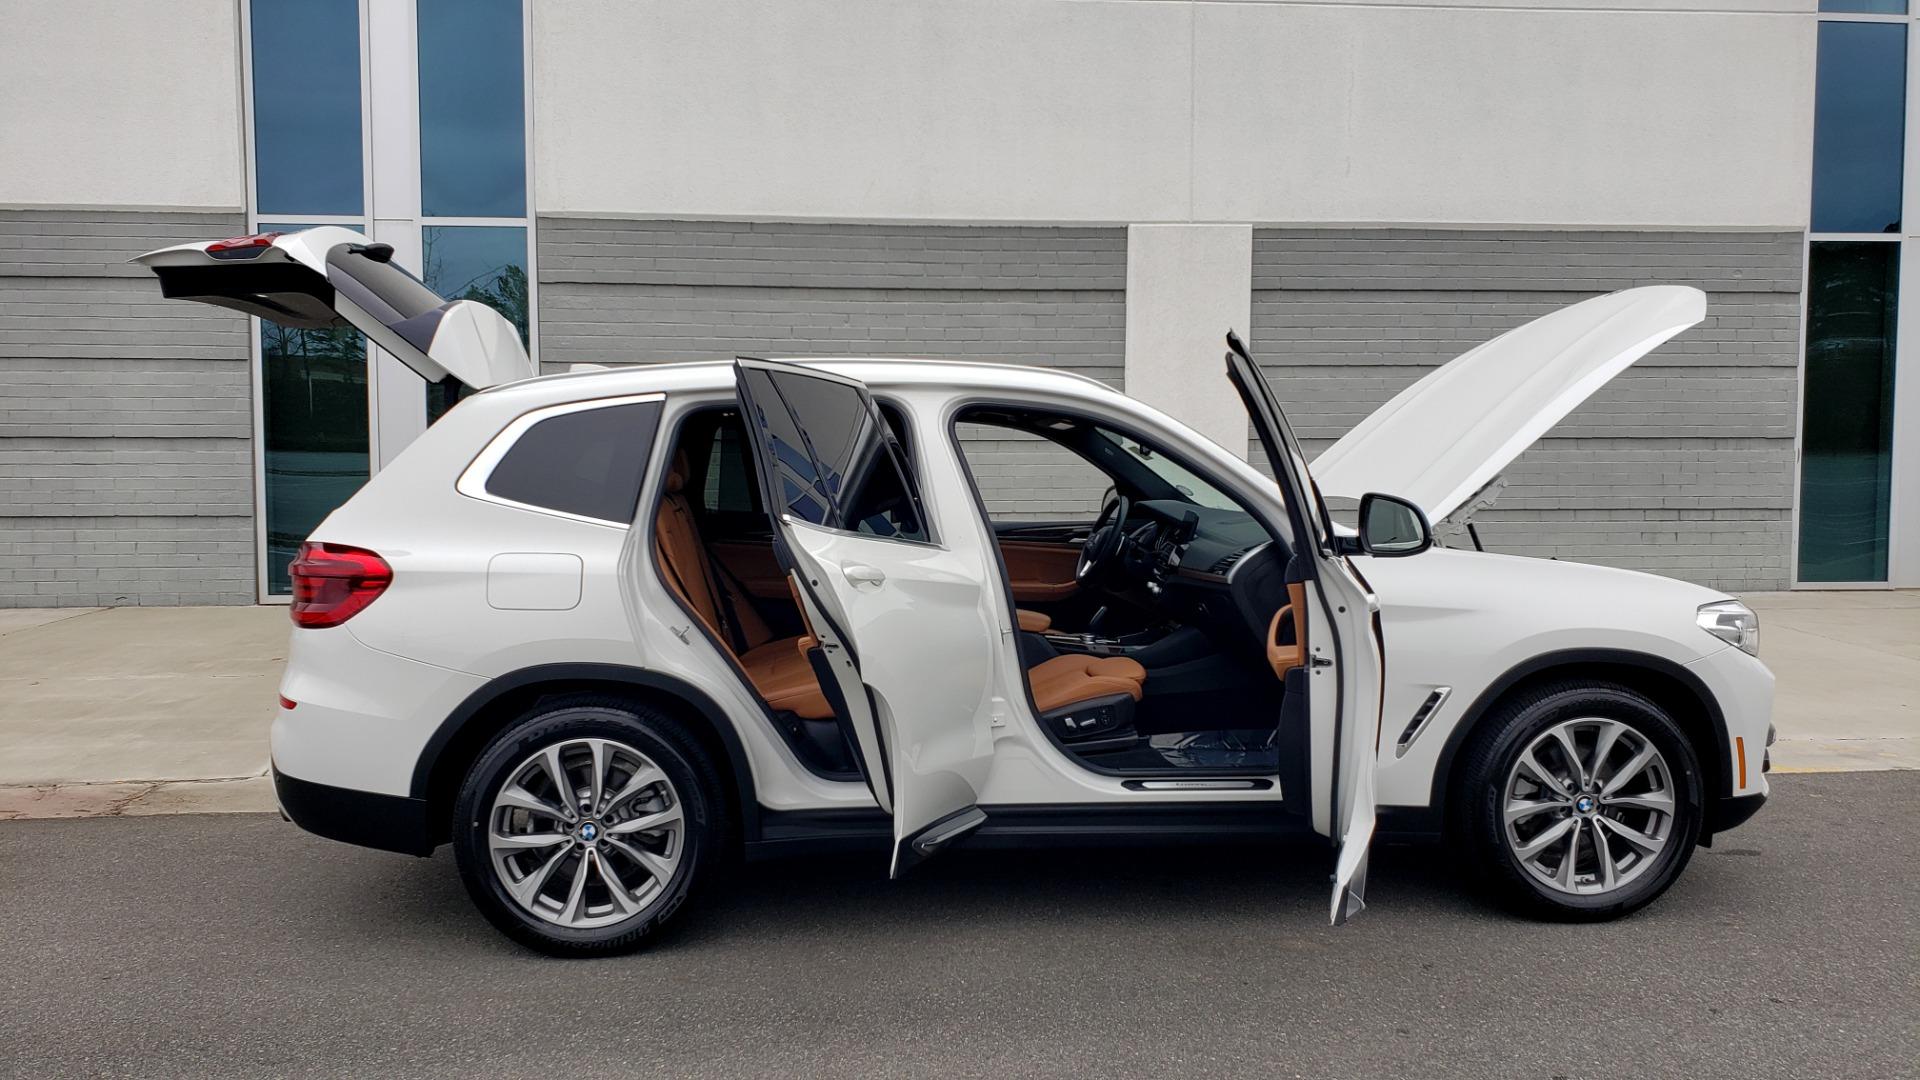 Used 2018 BMW X3 XDRIVE30I / LUX PKG / PREM PKG / CONV PKG / PDC / APPLE CARPLAY for sale Sold at Formula Imports in Charlotte NC 28227 12